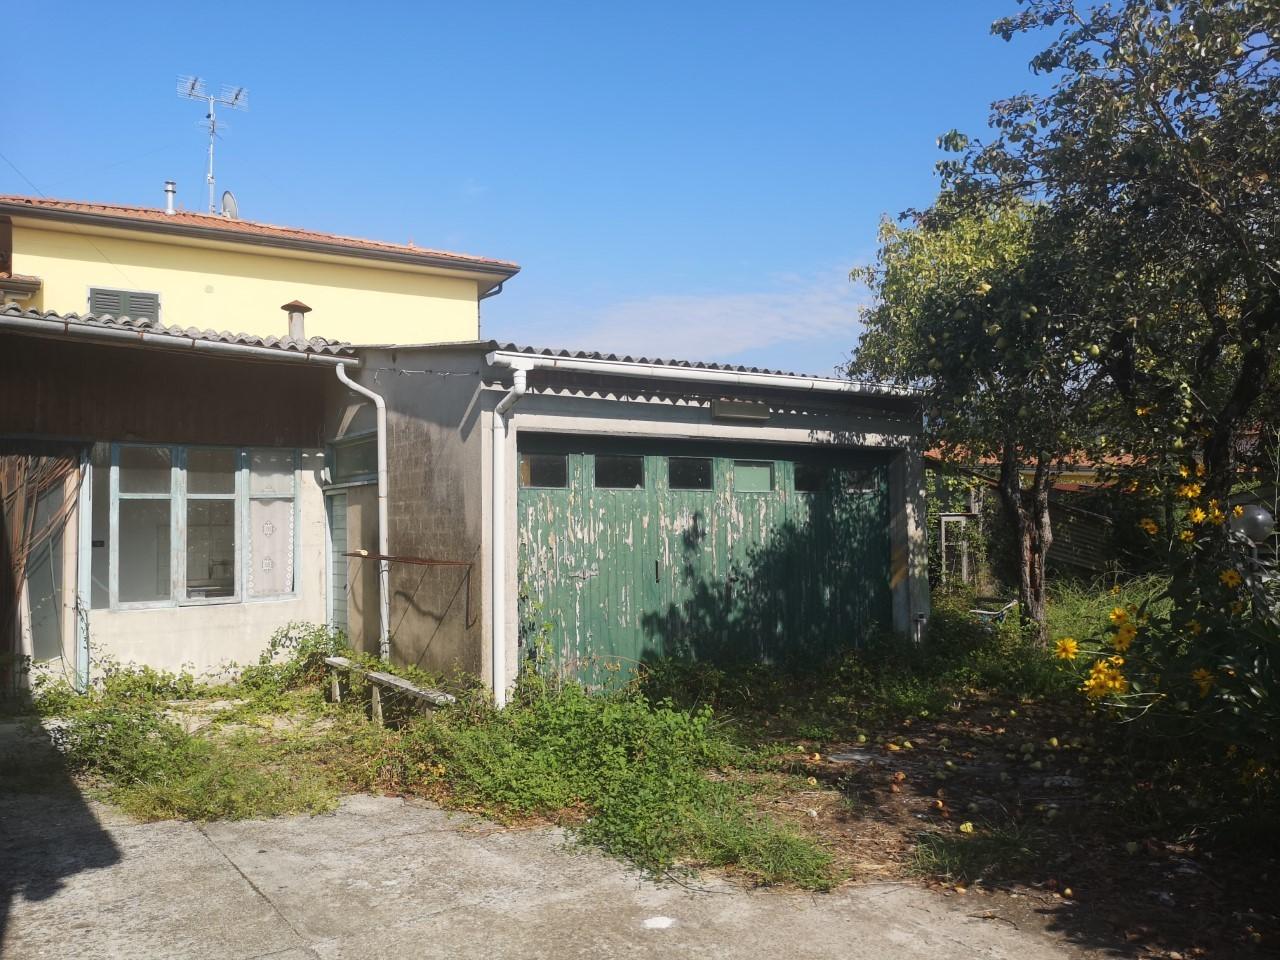 Casa singola in vendita, rif. 2805